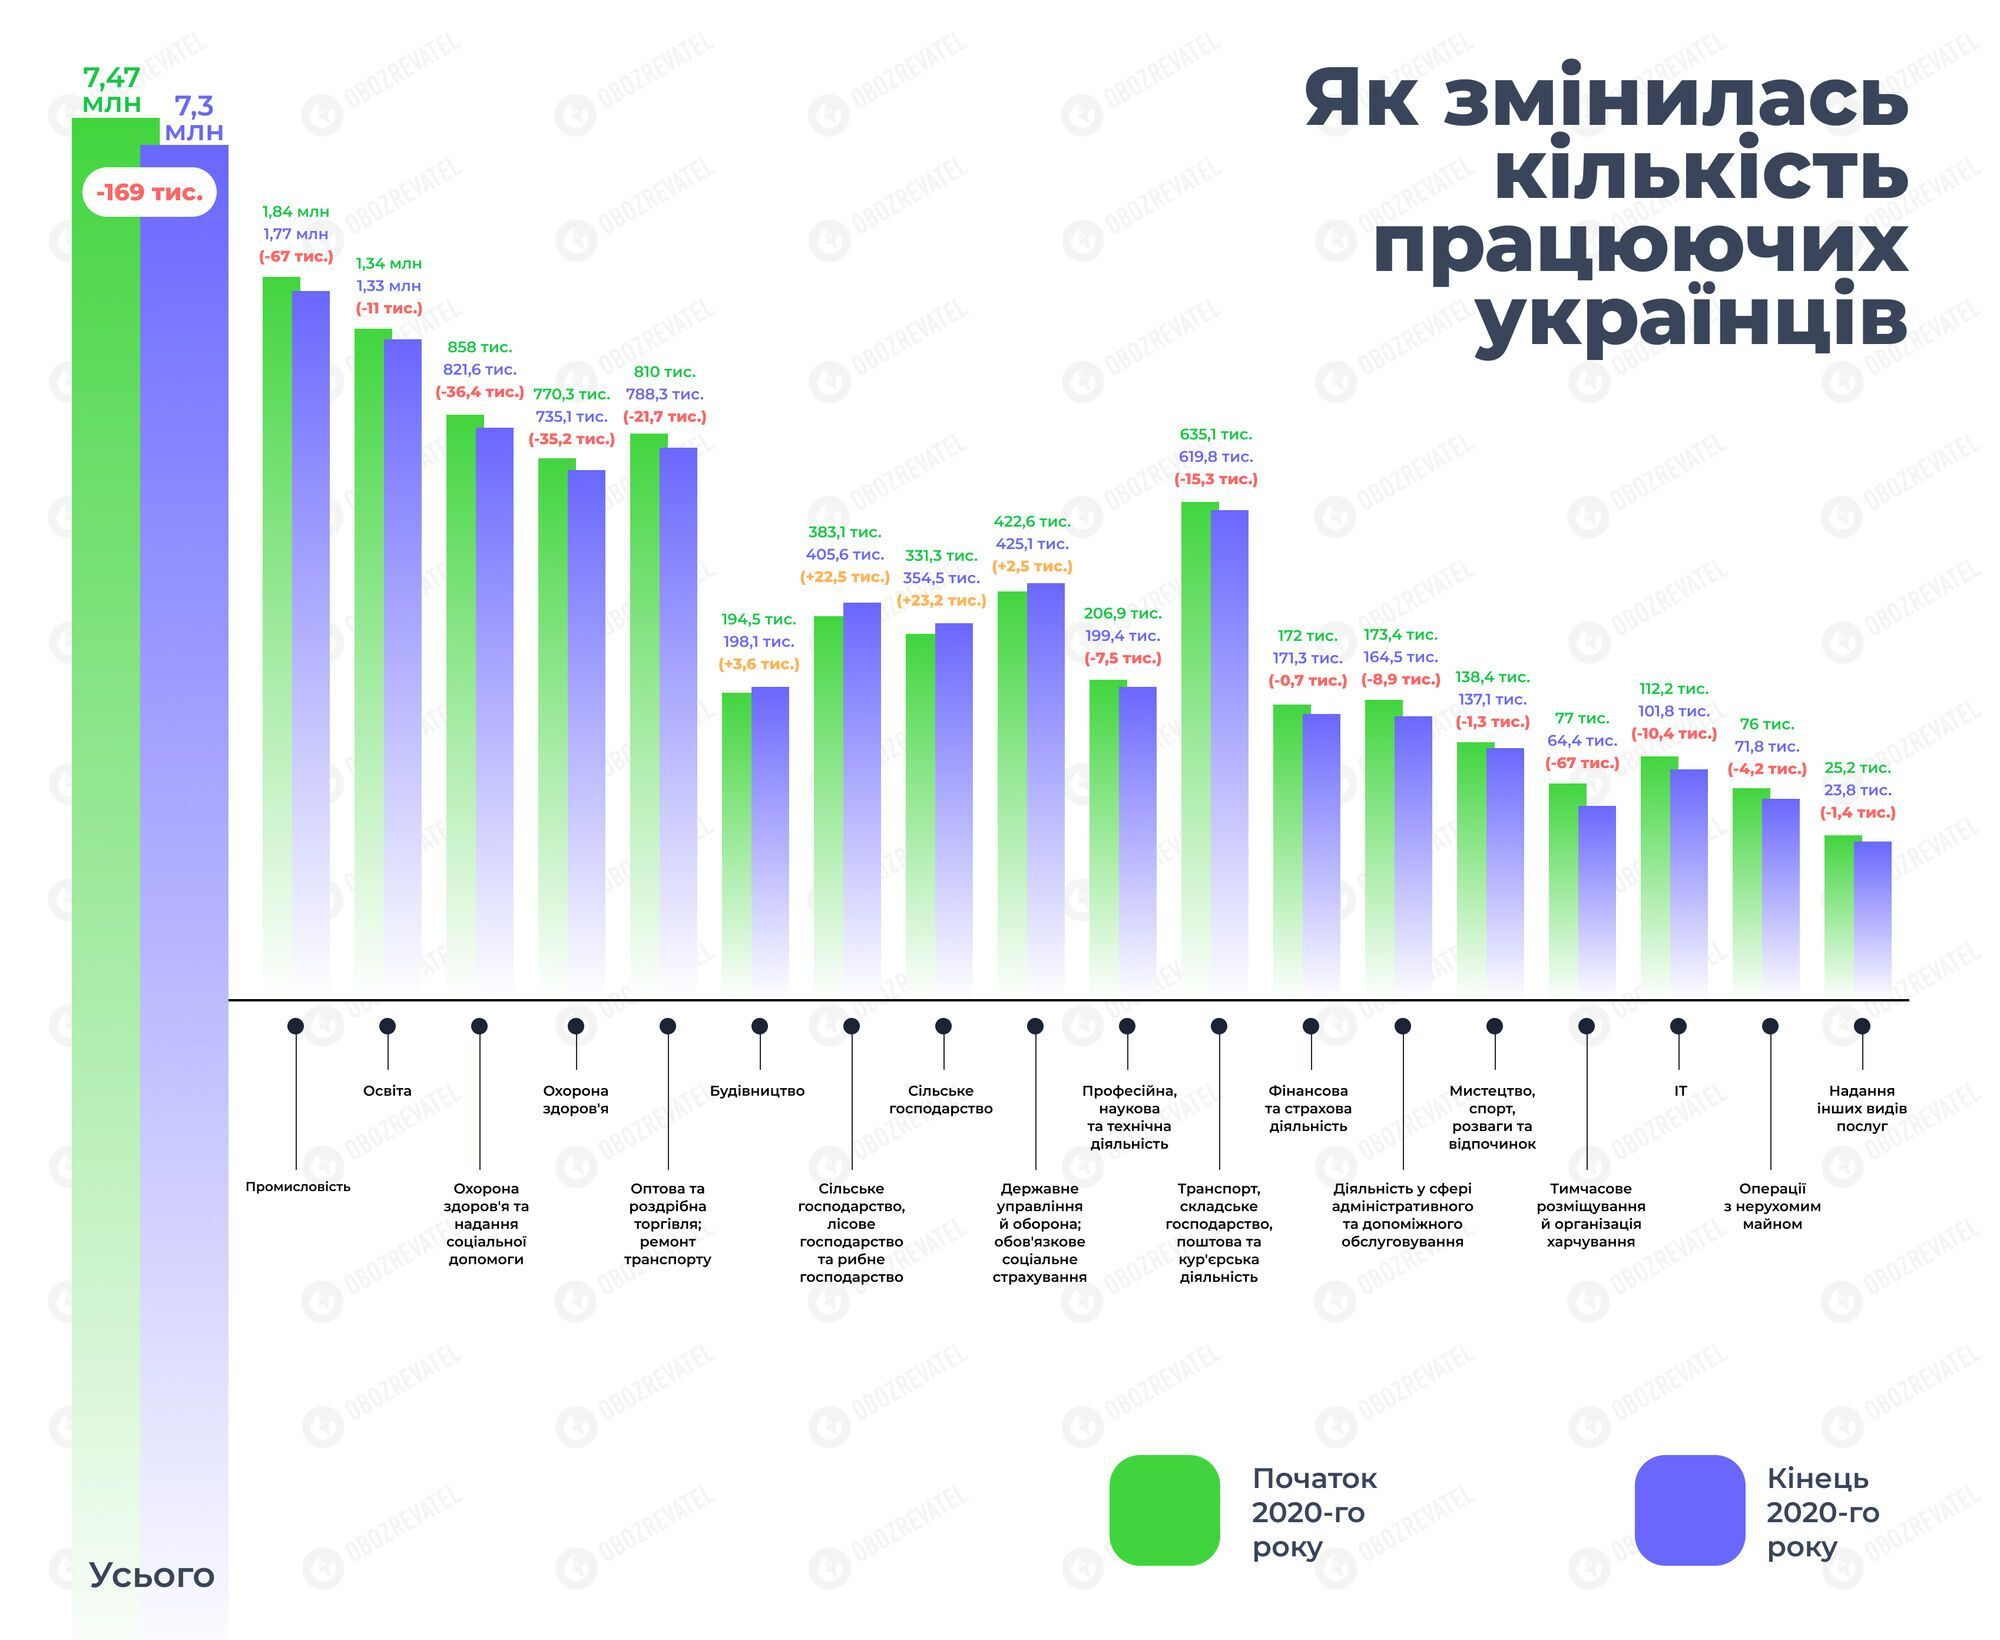 Достойных зарплат и пенсий не будет: украинцы подставляются под удар, пытаясь обмануть государство